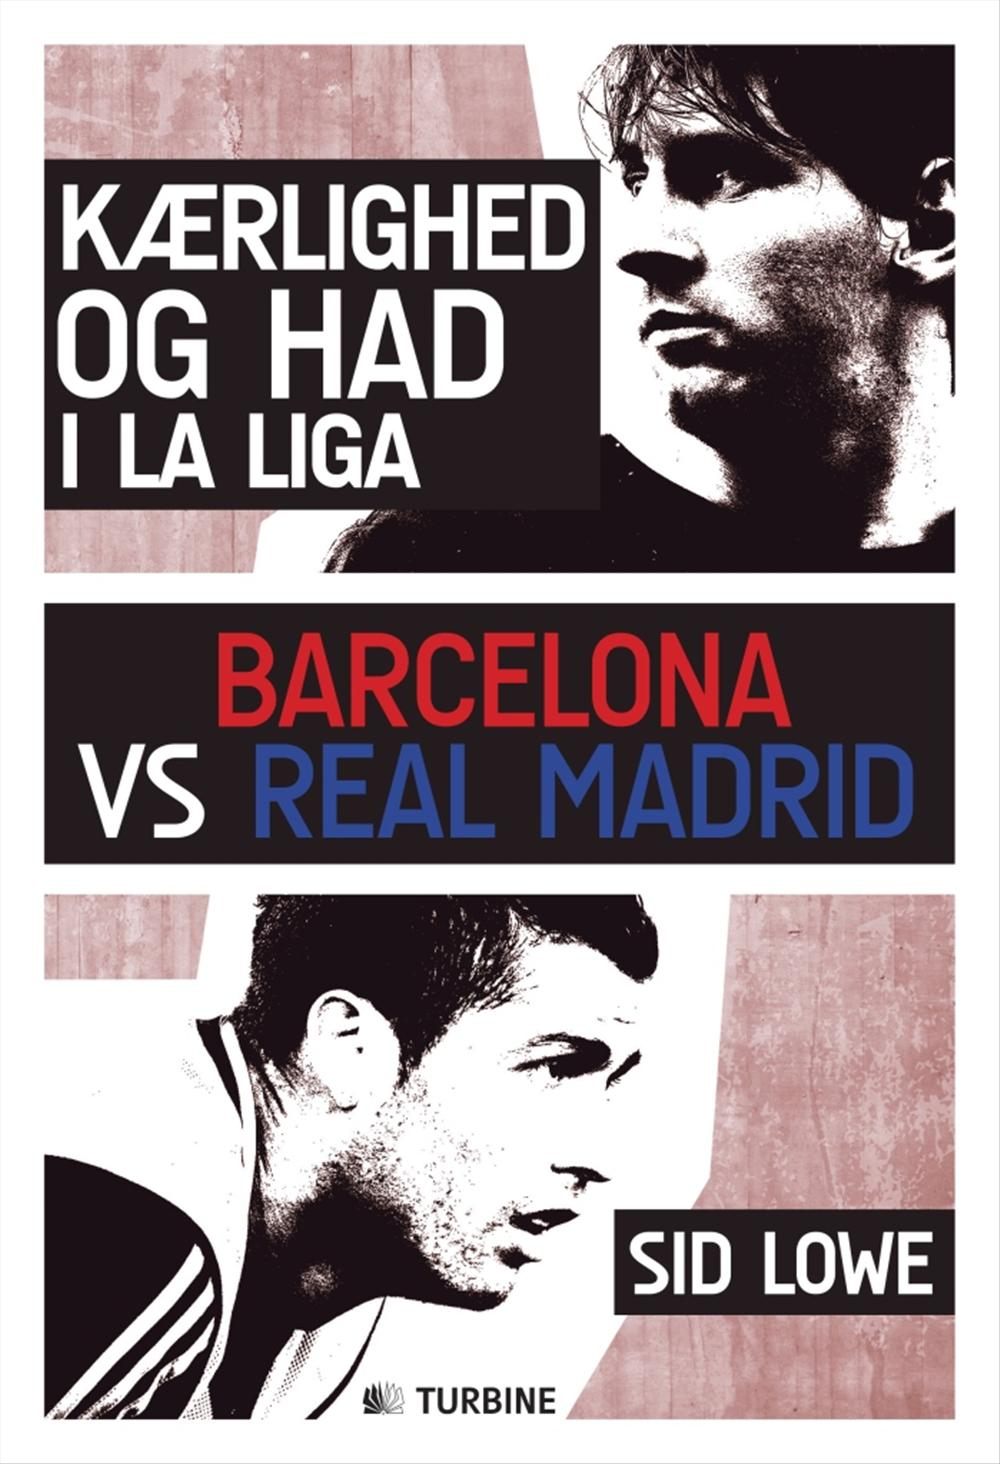 Kærlighed og had i La Liga